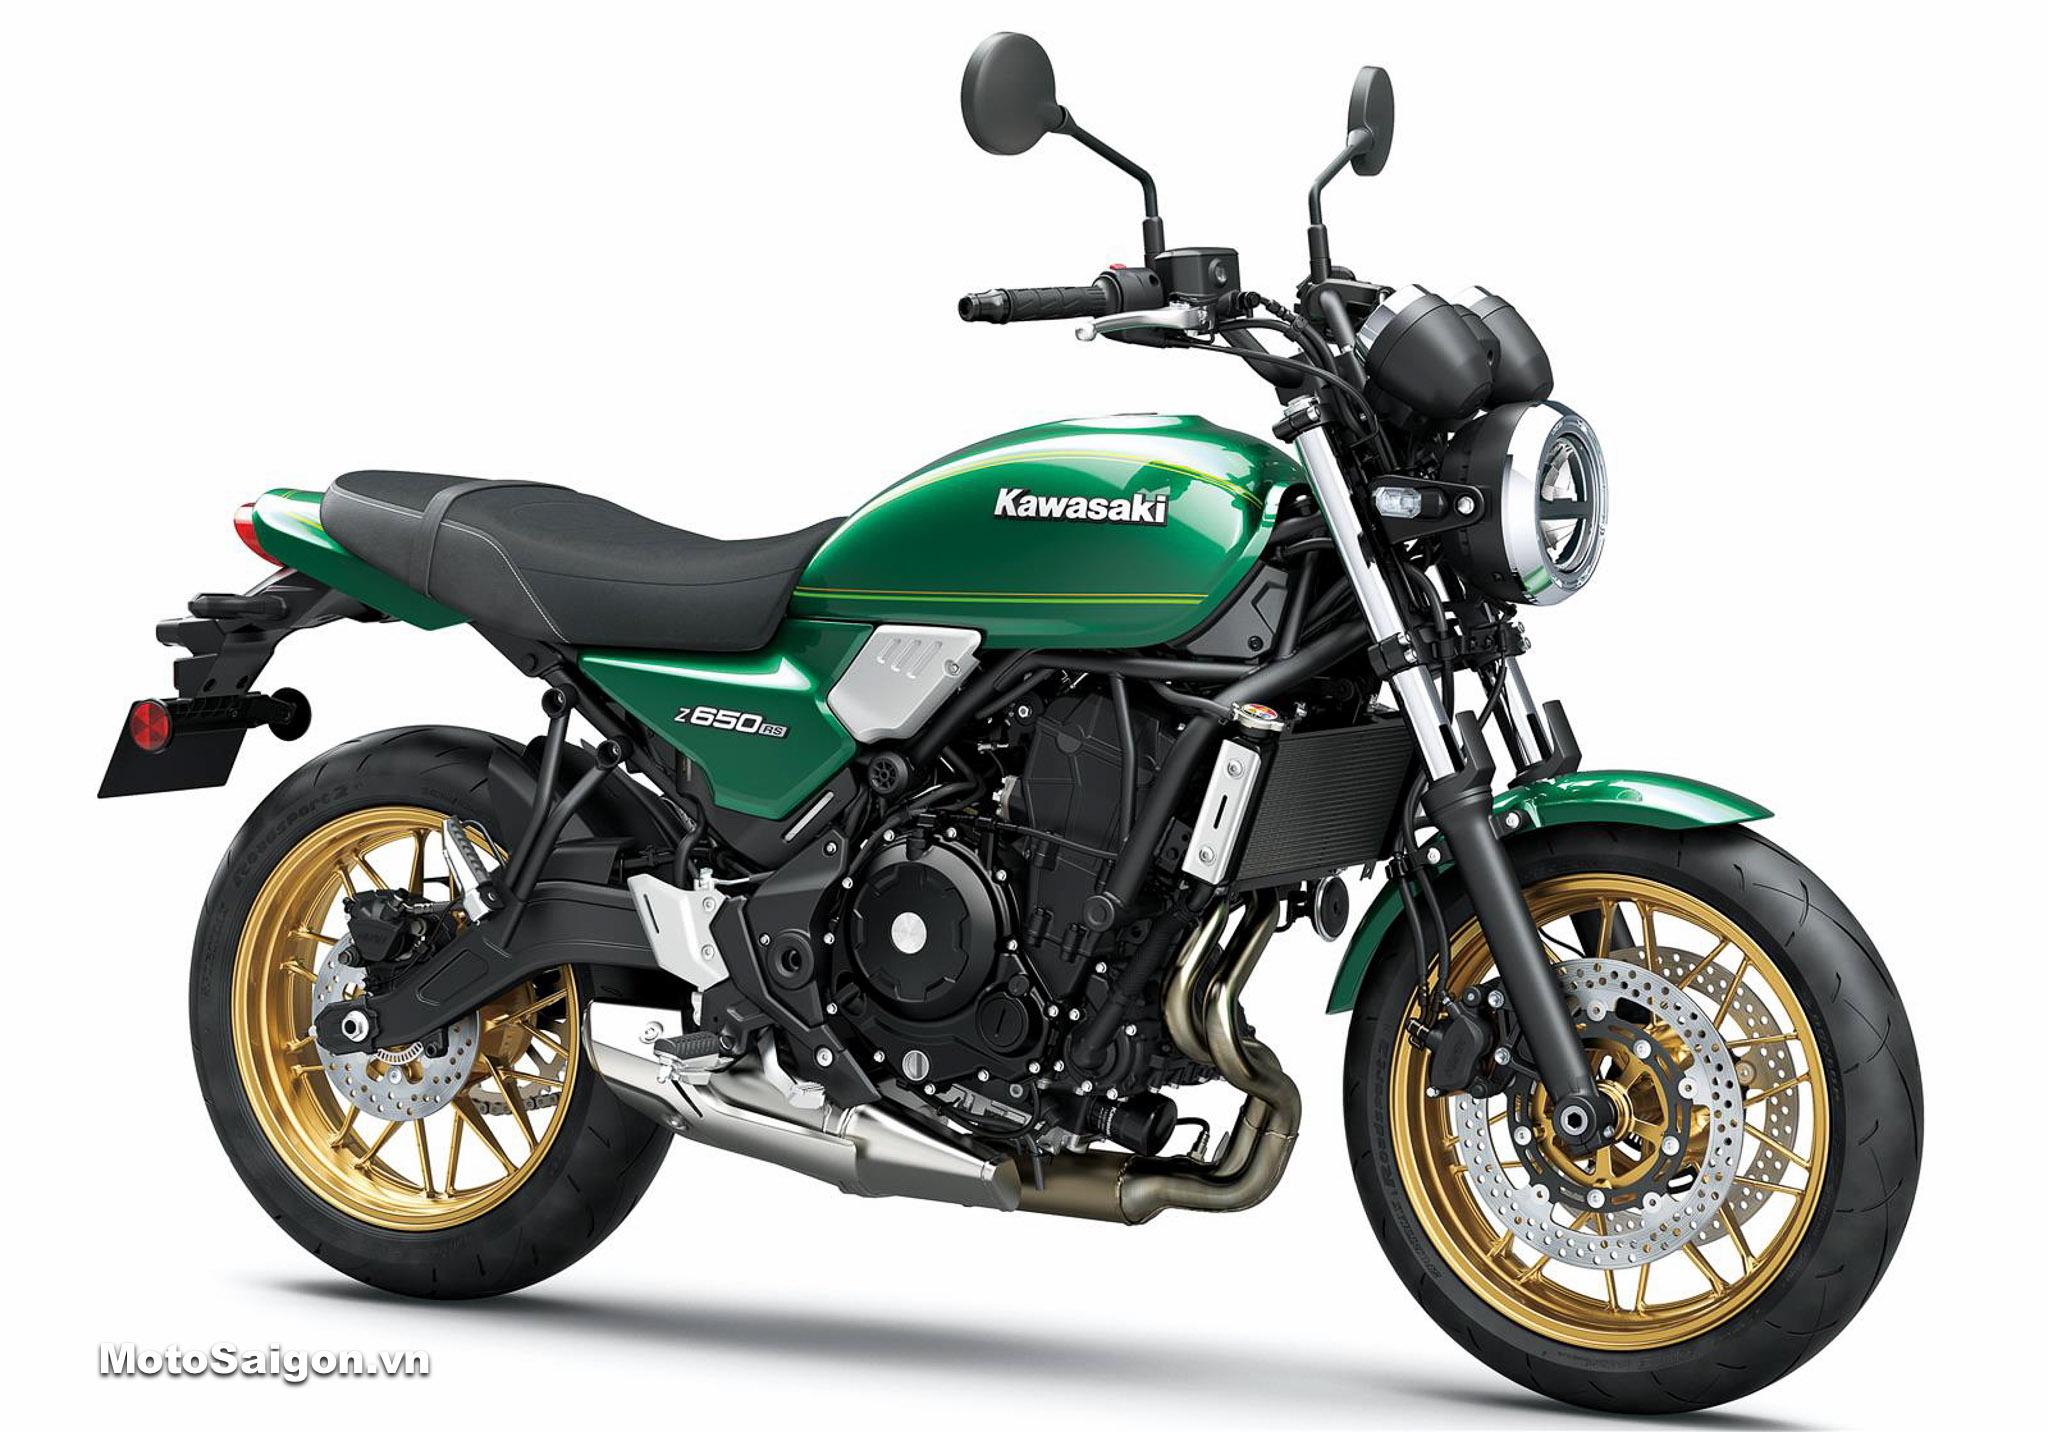 Kawasaki Z650RS chi tiết hình ảnh thông số kỹ thuật kèm giá bán